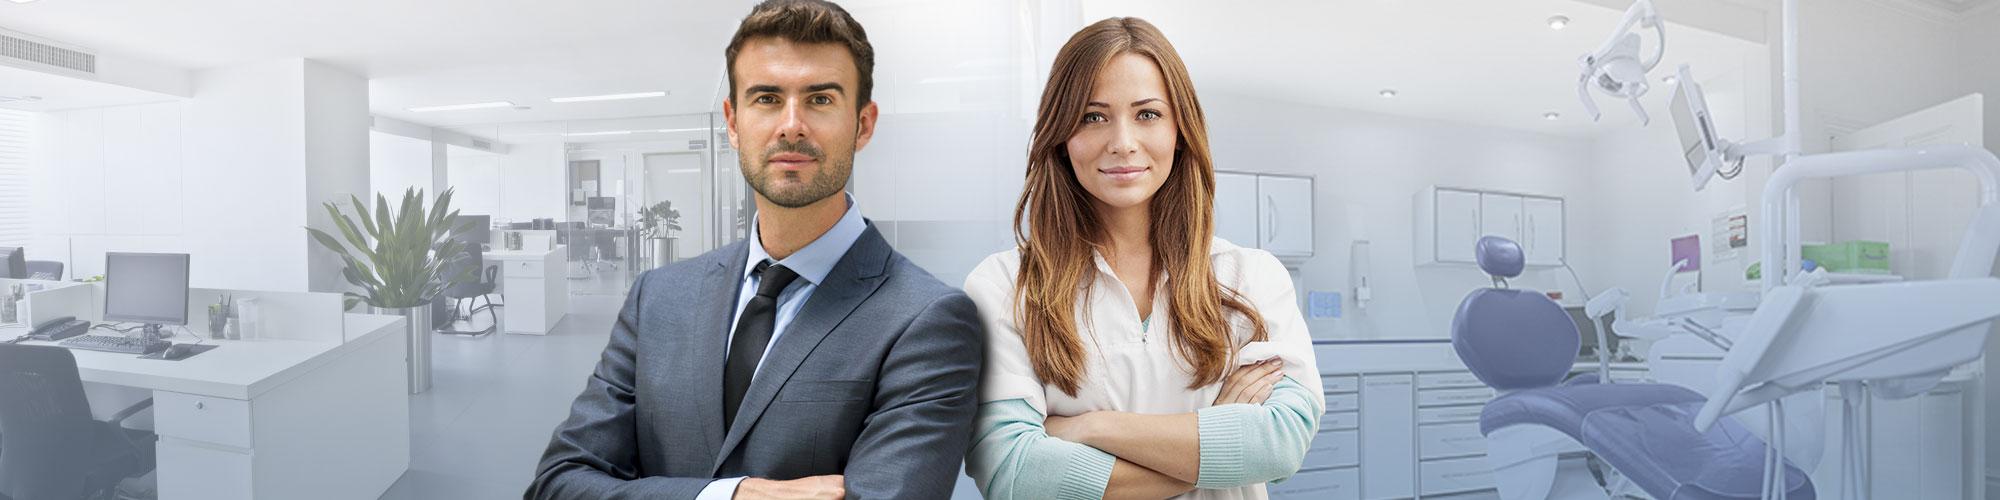 BDV GmbH: Dokumentenmanagement und Praxismanagement